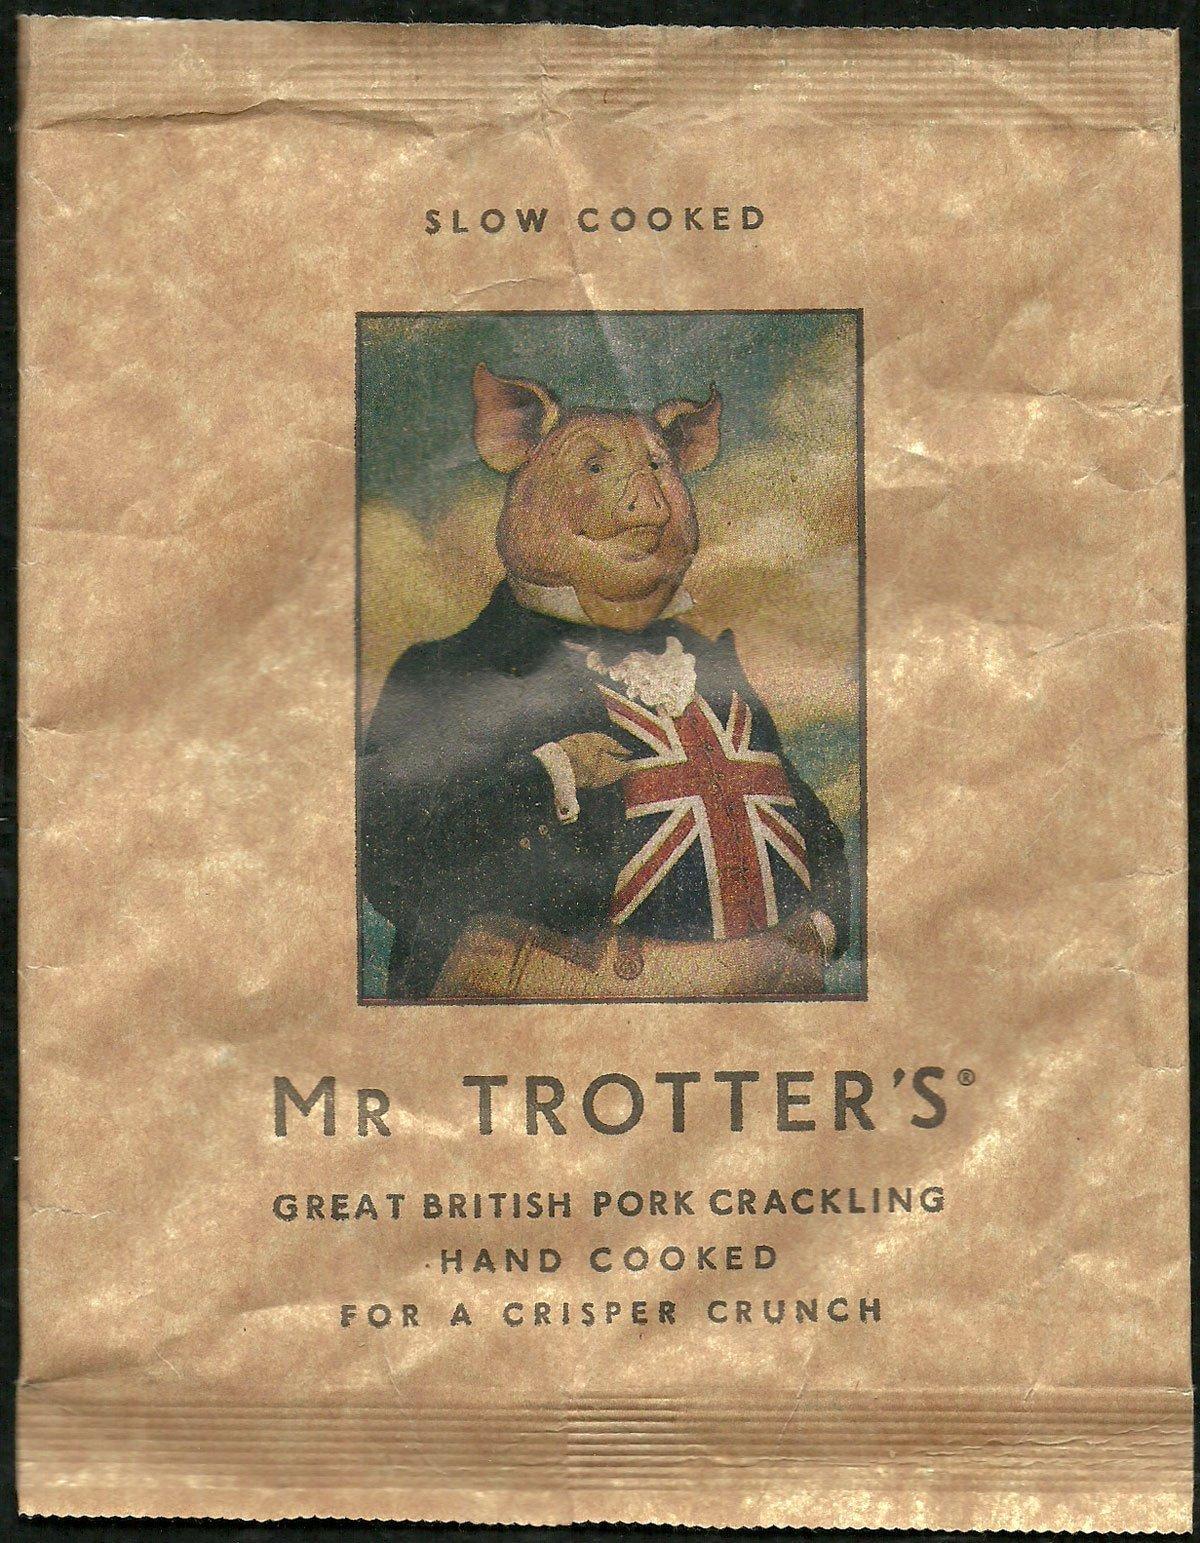 Mr Trotters Great British Pork Crackling Review2 - Mr Trotters, Great British Pork Crackling Review